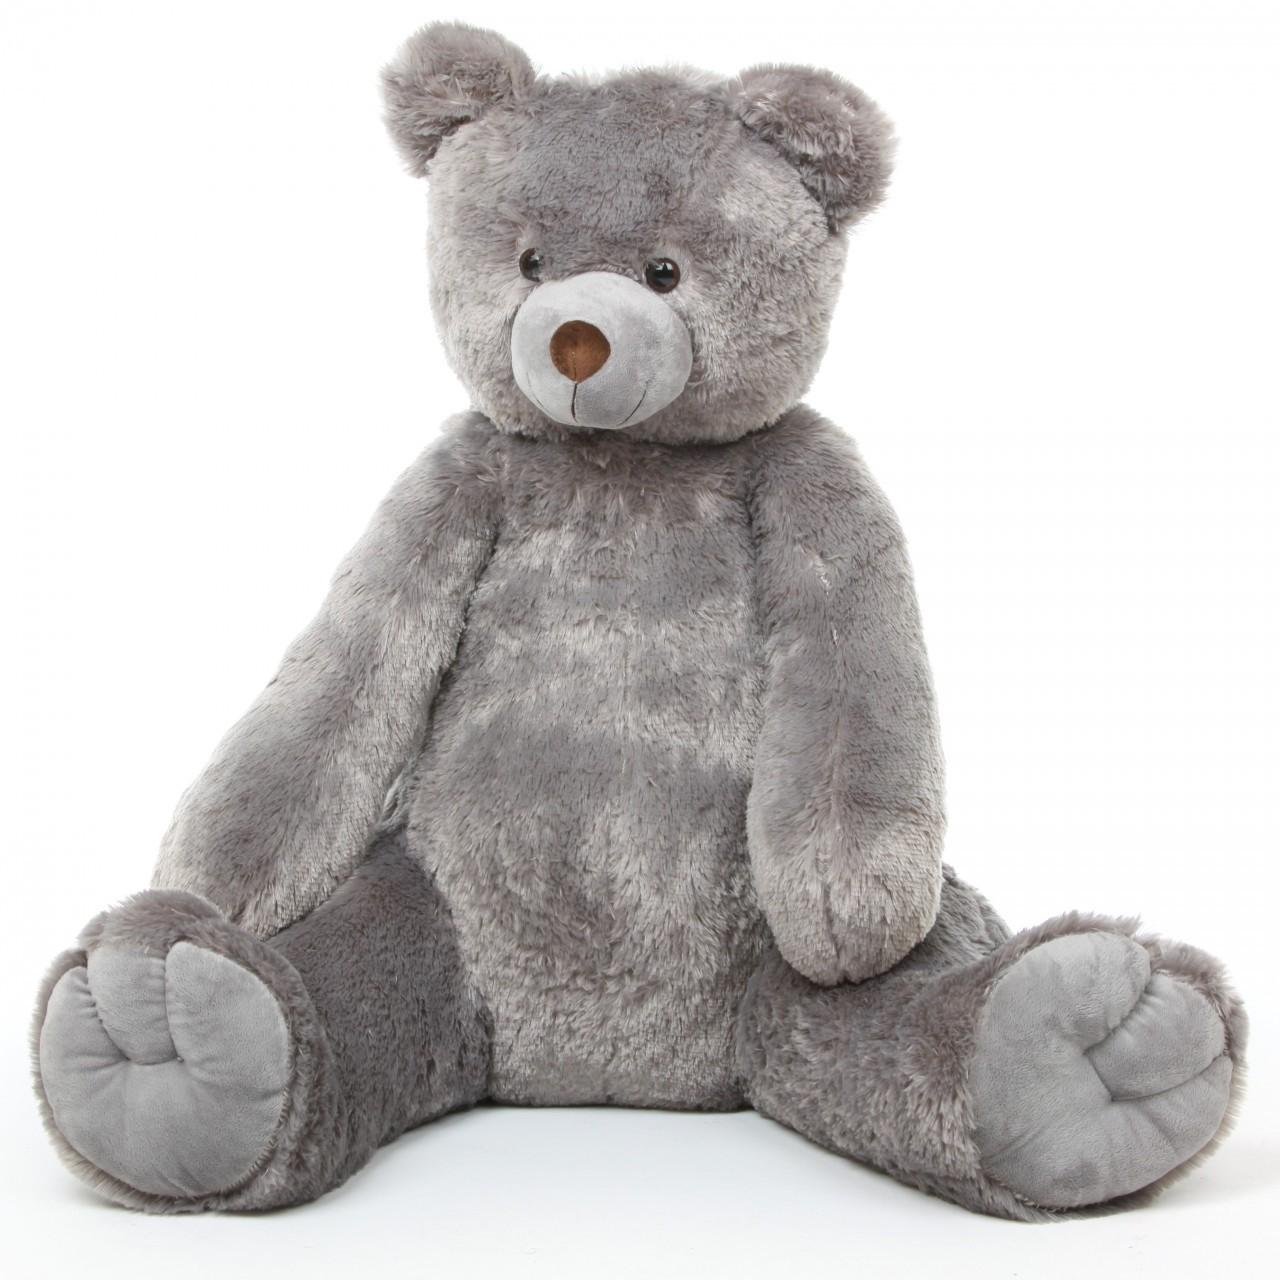 Sugar Tubs Large Grey Cuddly Plush Teddy Bear 42in